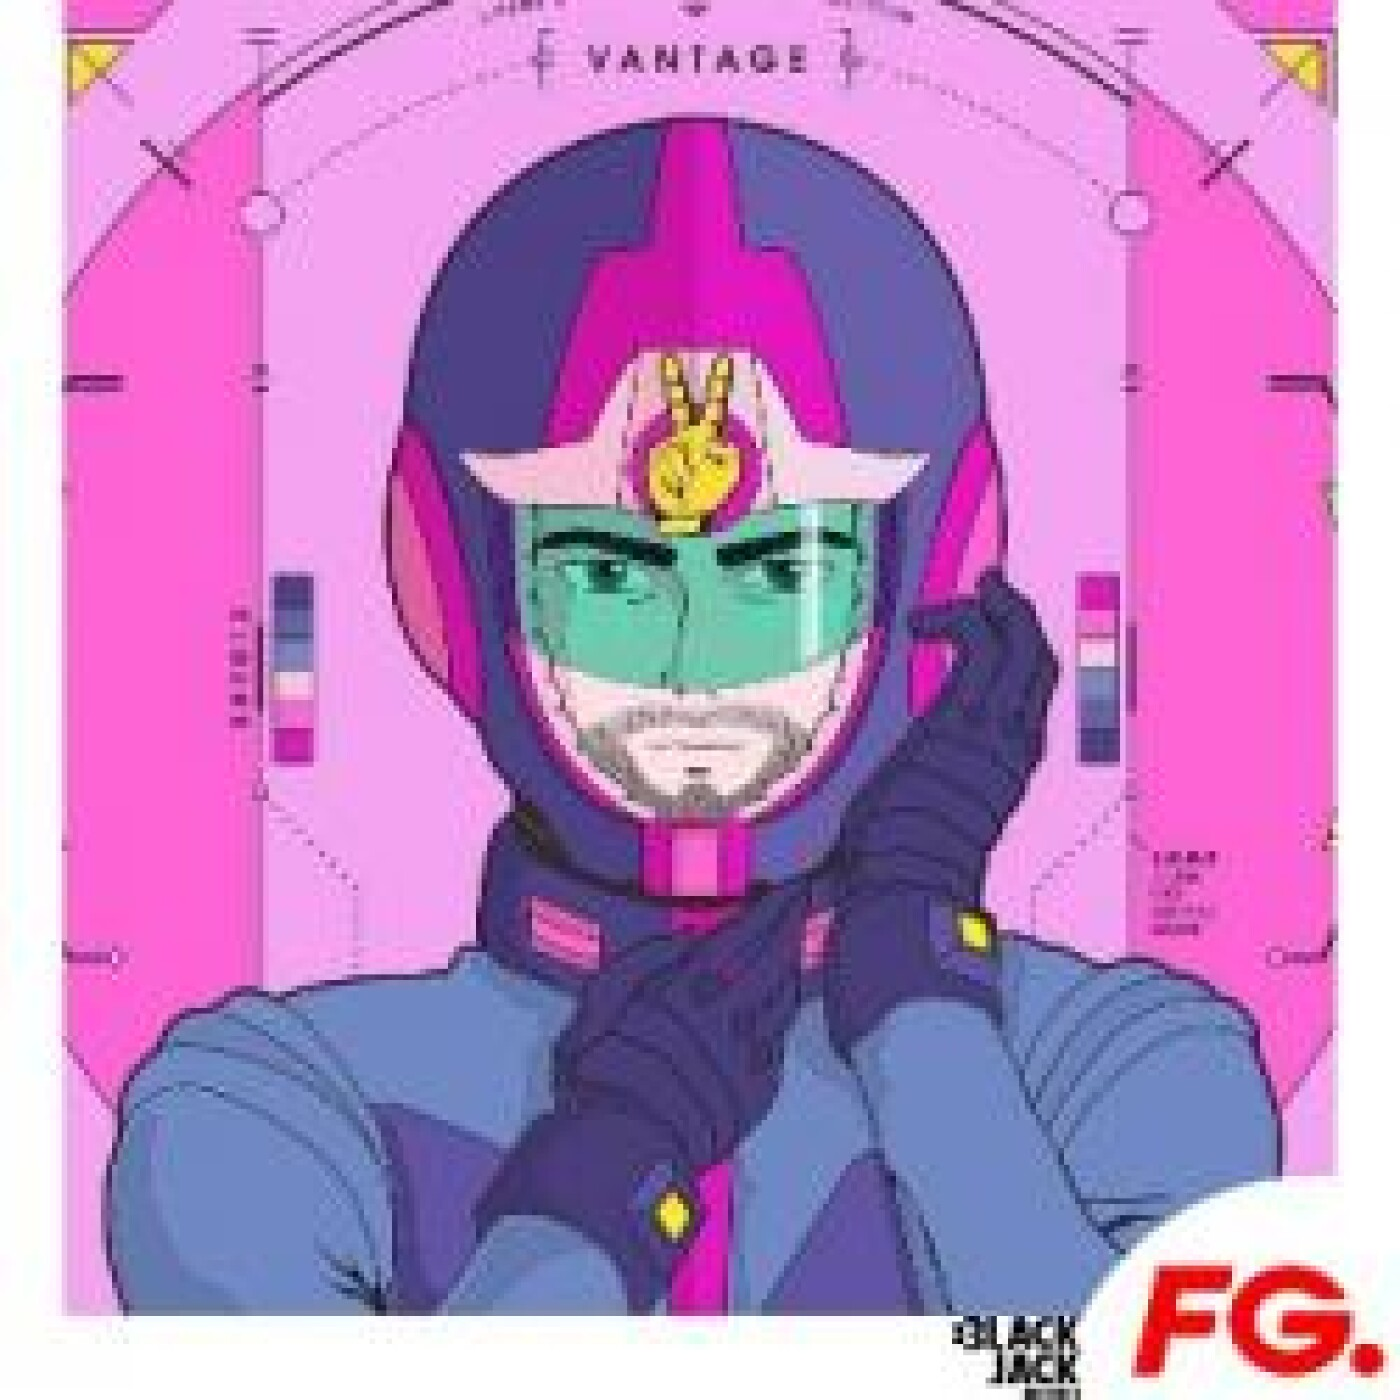 CLUB FG : VANTAGE